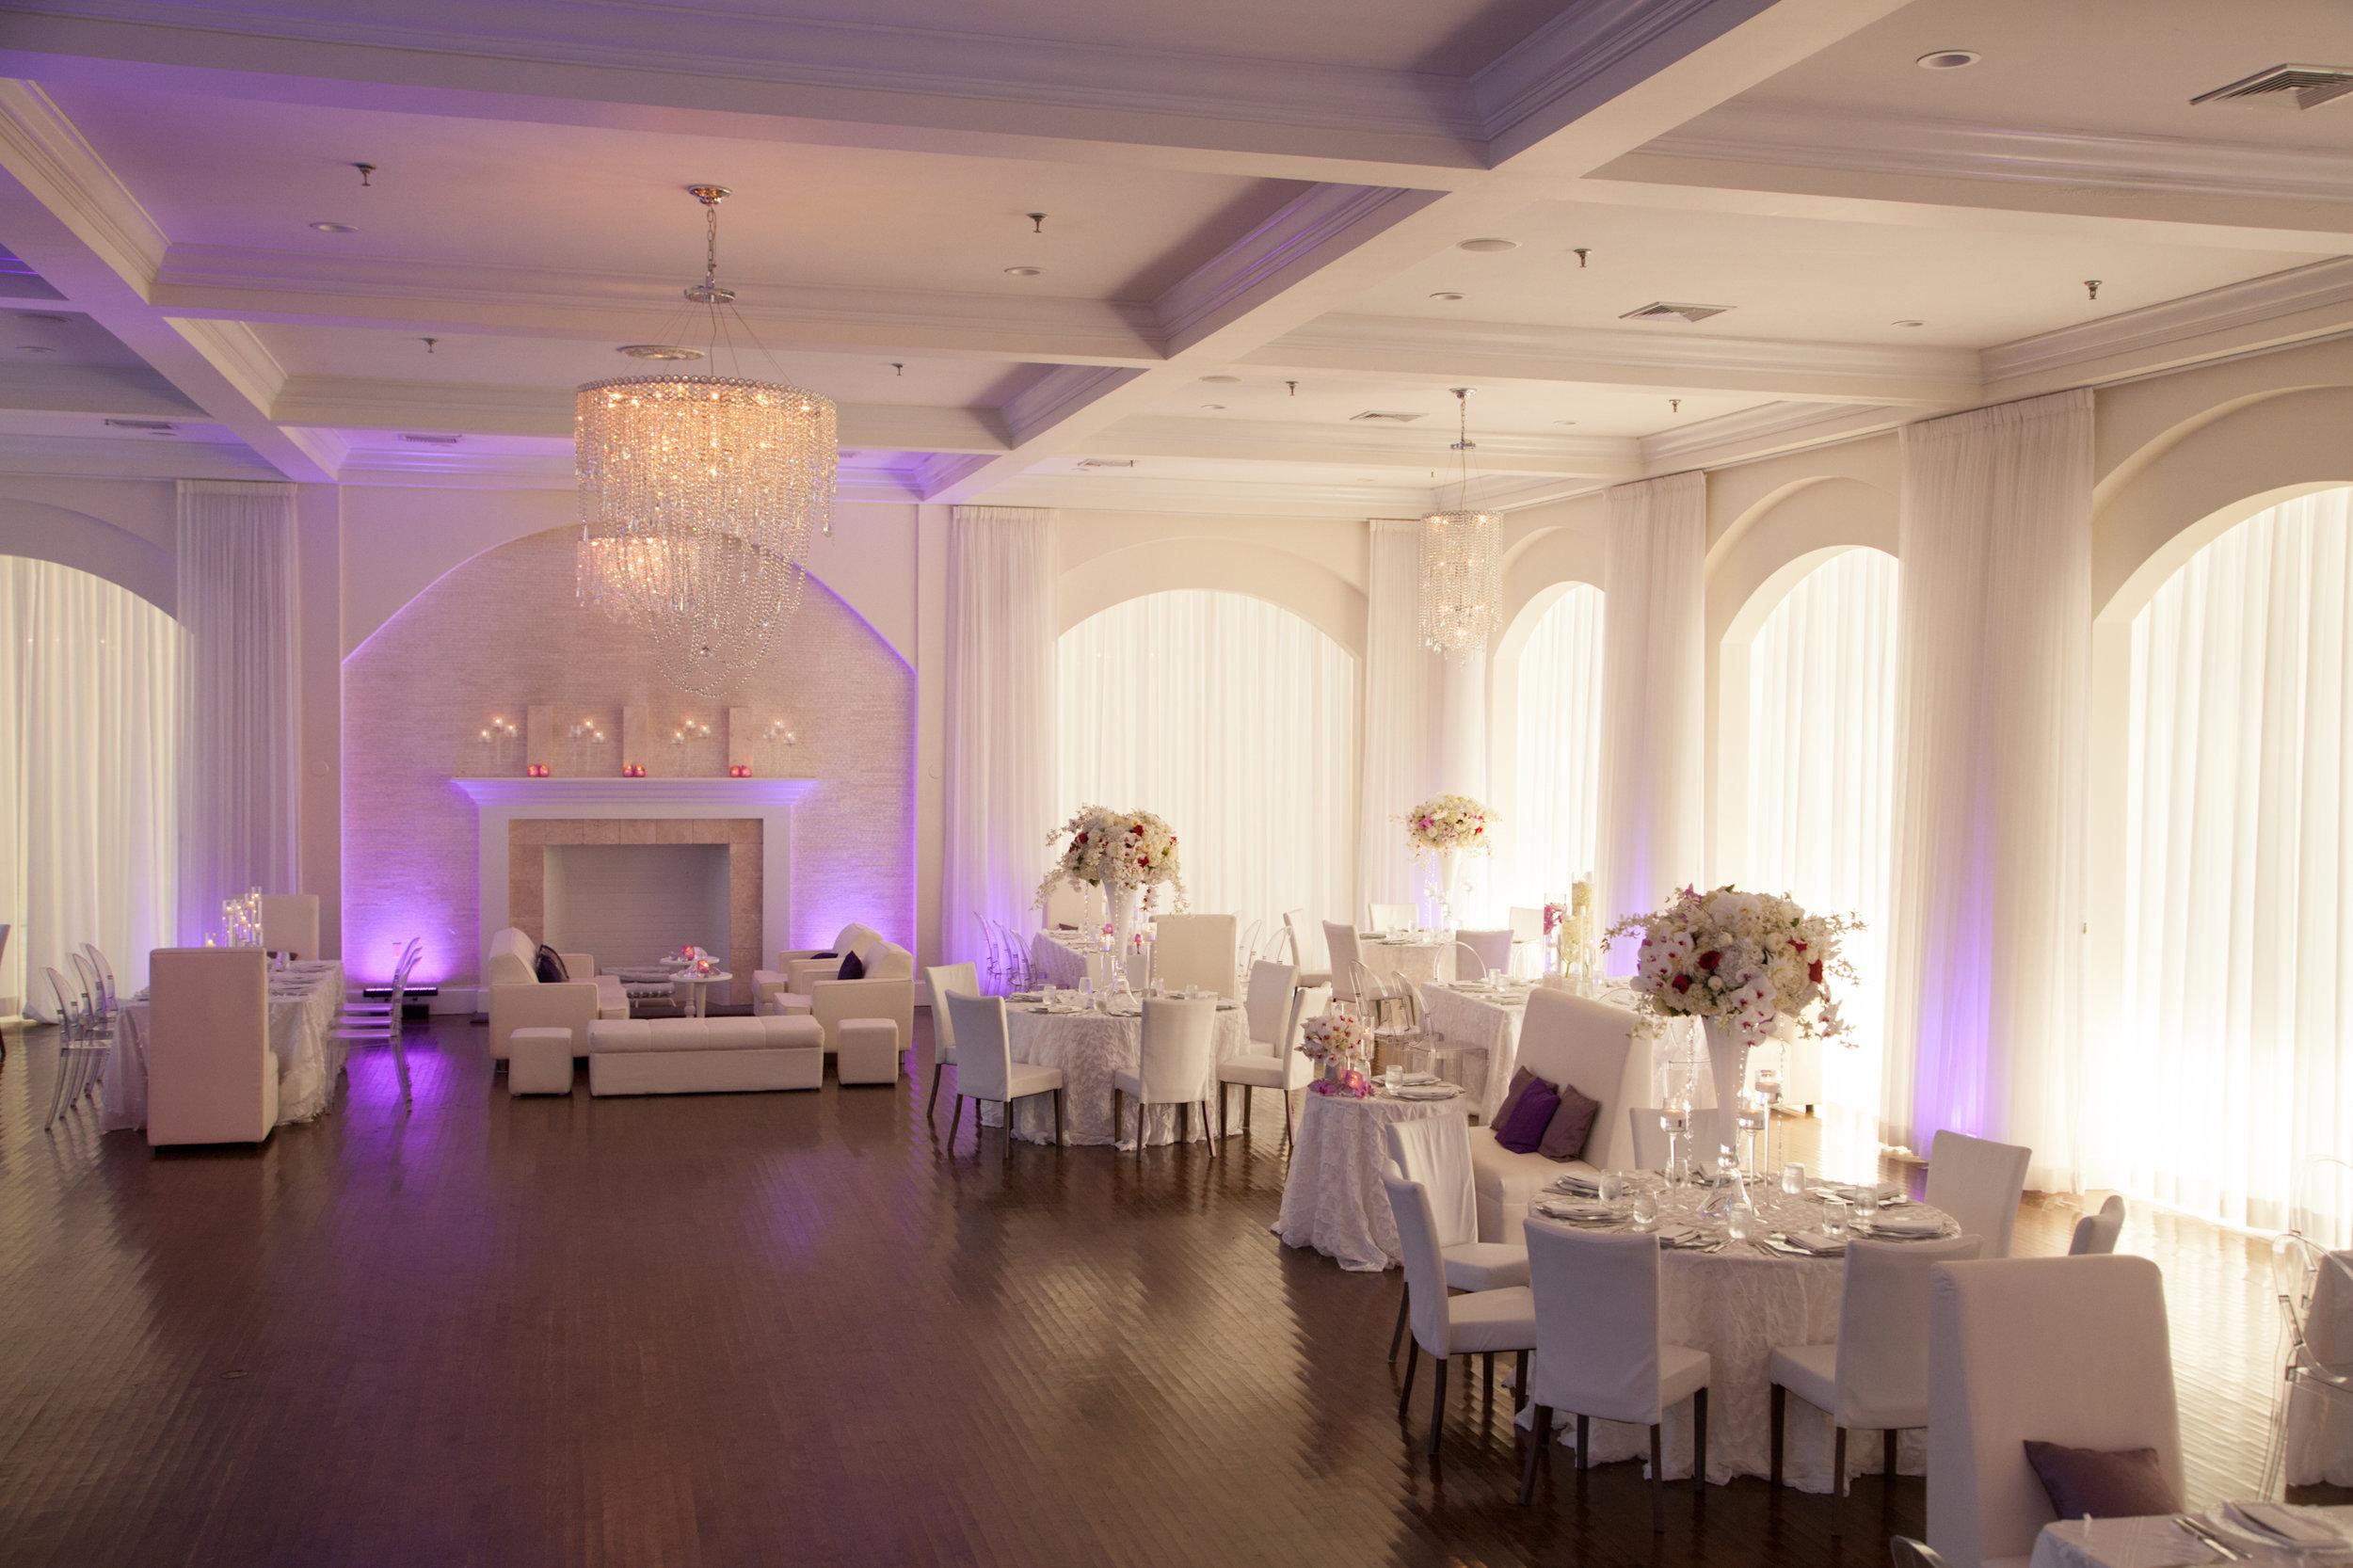 Belle Mer Salon -slipper chairs, lounge.jpg